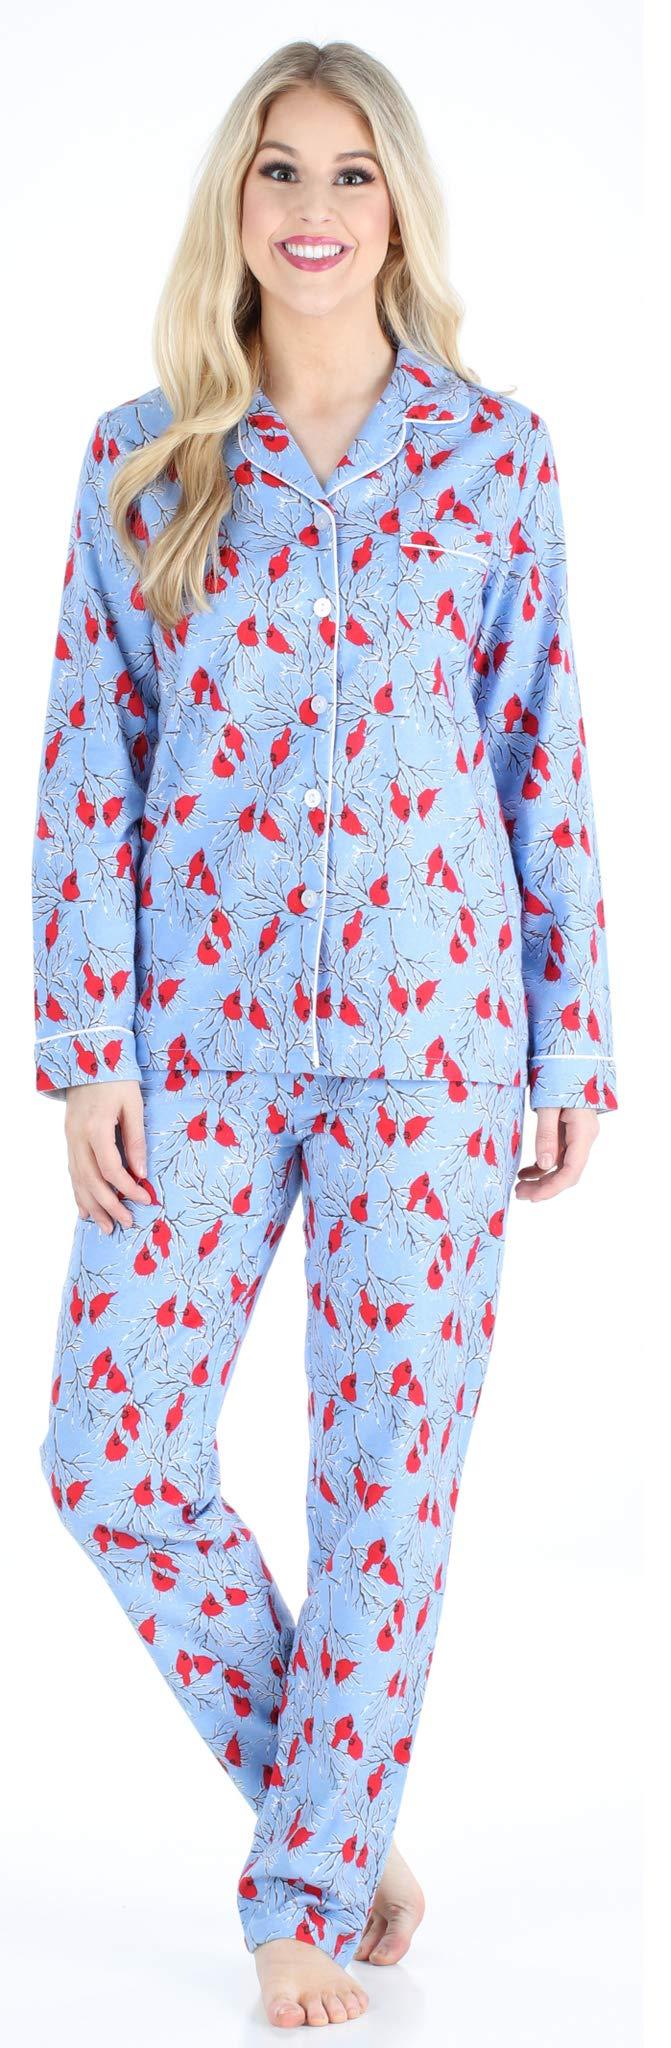 PajamaMania Flannel Pajamas Cardinals PMF1002 2032 LRG